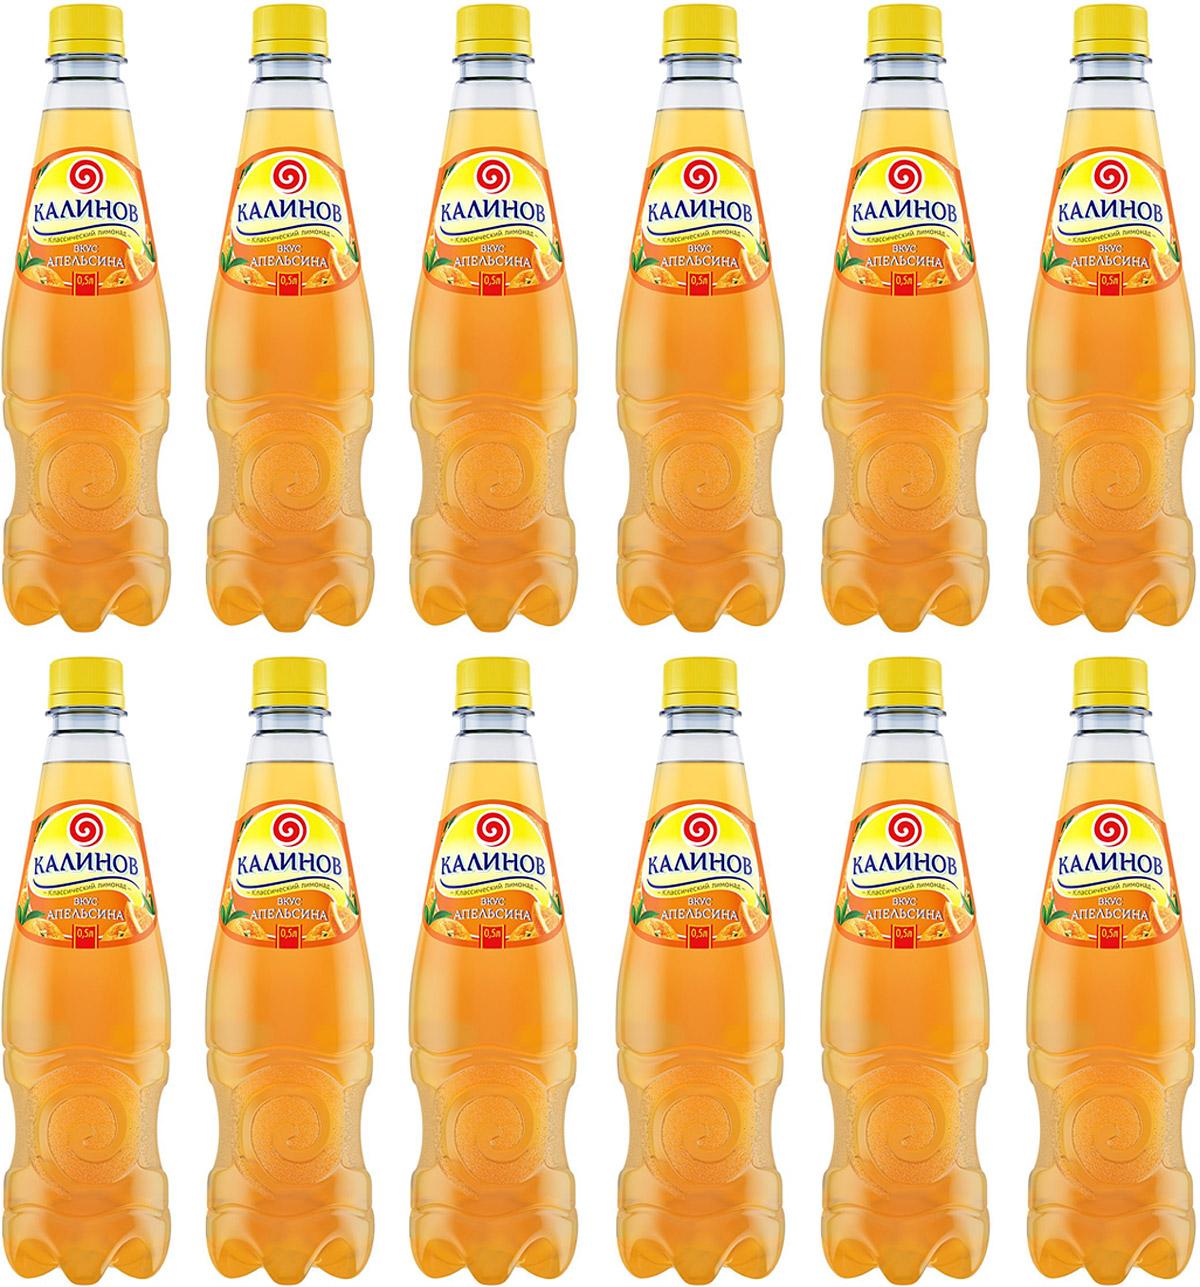 Калинов Лимонад Апельсин, 12 шт по 0,5 л4607050691163Классические лимонады на основе артезианской воды Калинов Родник производятся на высококачественном вкусо-ароматическом сырье и обладают ярко выраженными прохладительными свойствами. Для приготовления лимонадов Калинов используются классические рецептуры, соответствующие требованиям ГОСТа. Благодаря пониженному содержанию сахара все напитки серии являются низкокалорийными. Они производятся без применения цикламатов и сахарина, что значительно усиливает их диетические свойства.